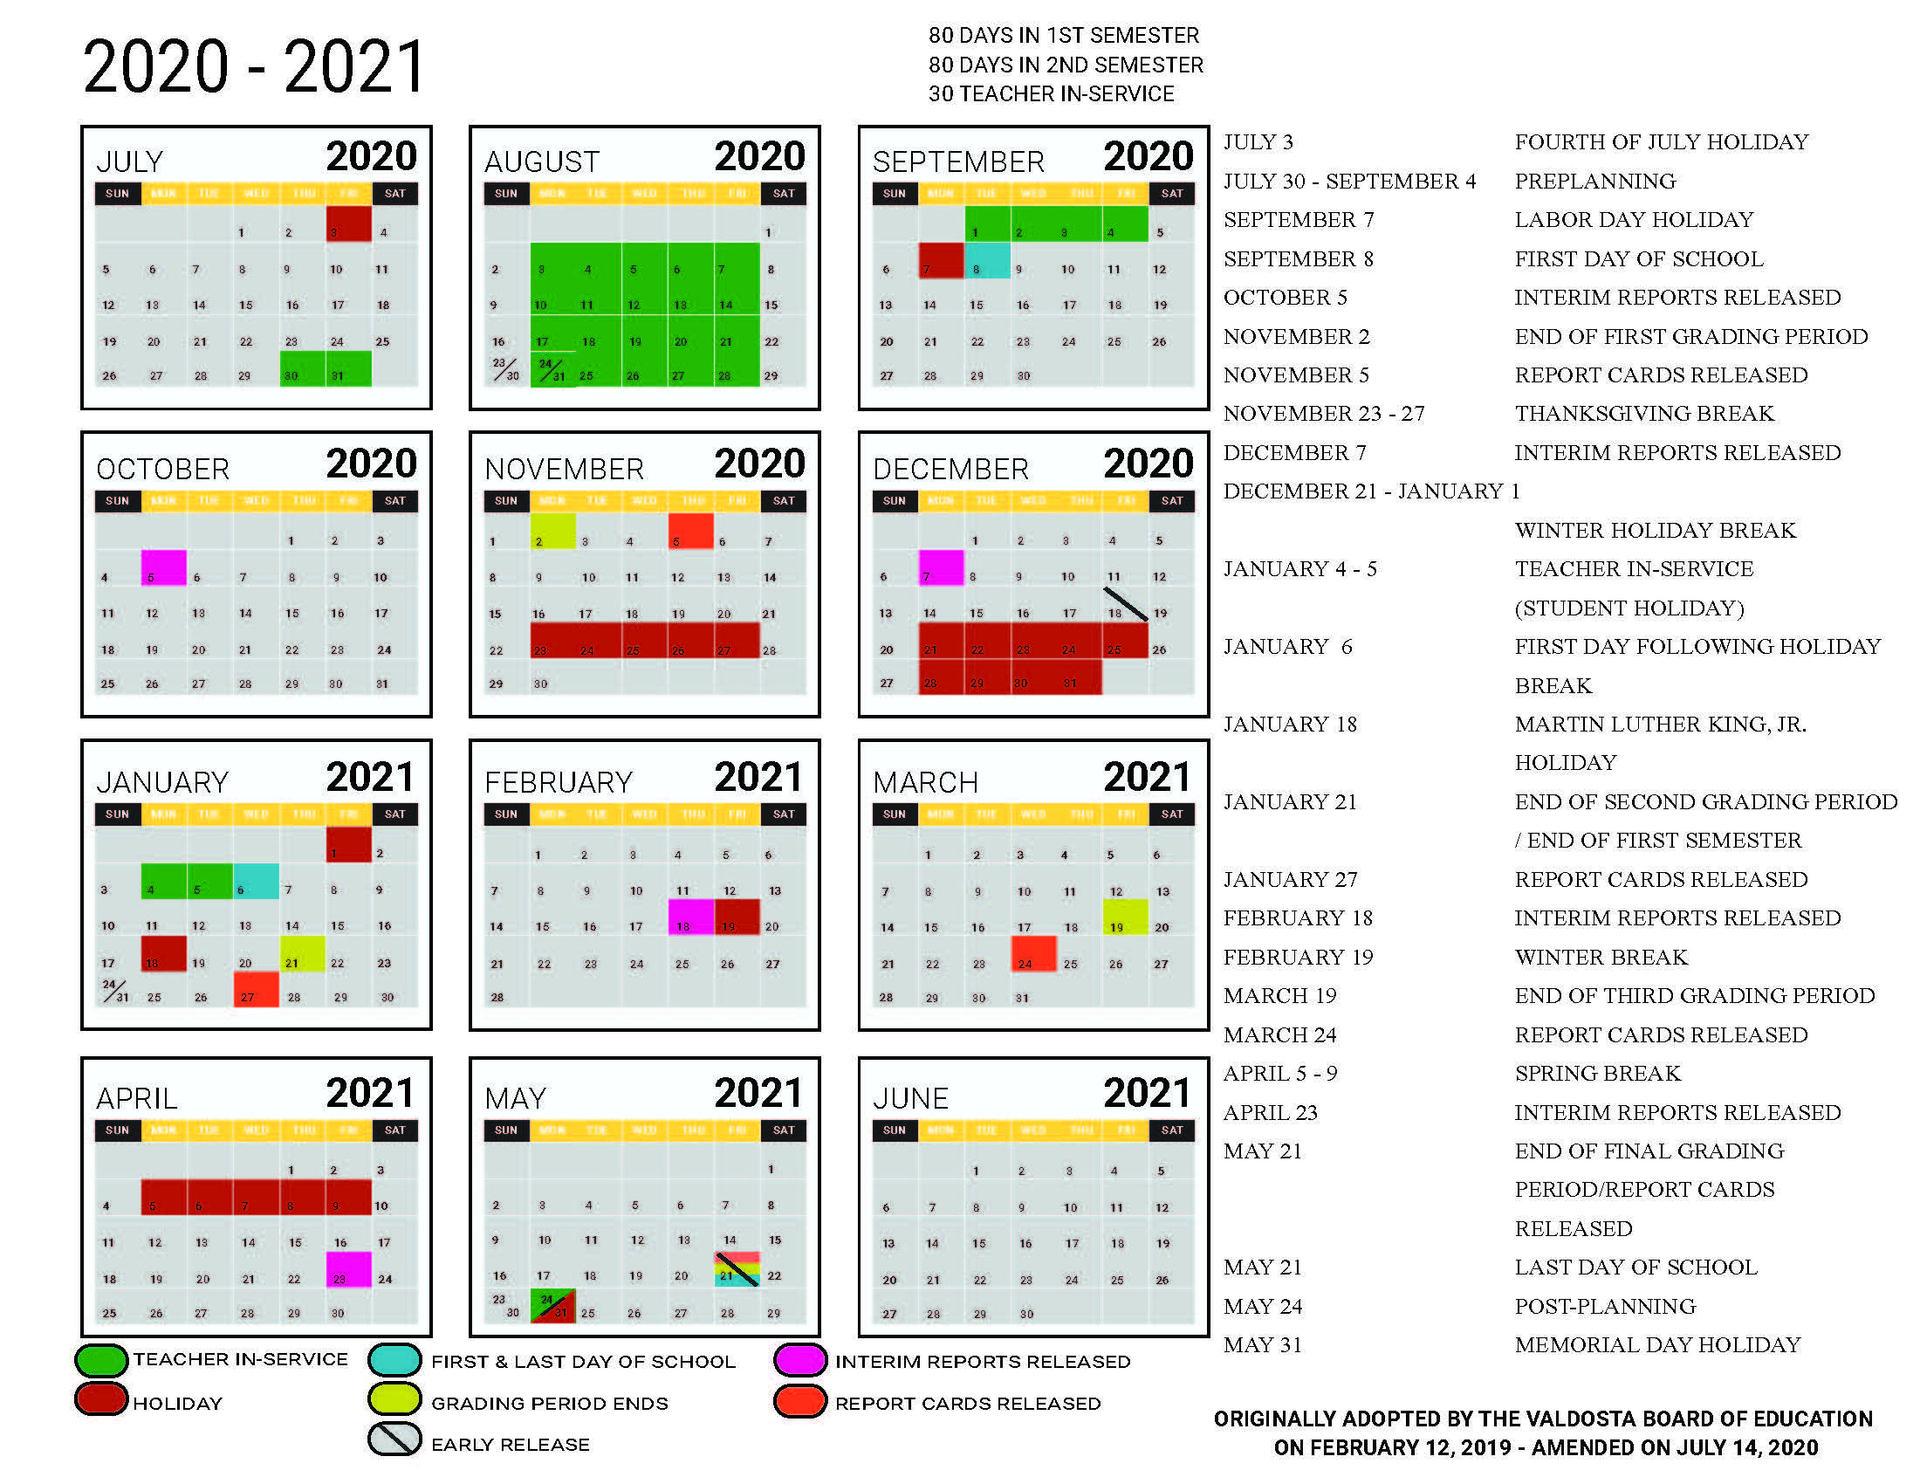 2020-2021 Amended Academic Calendar